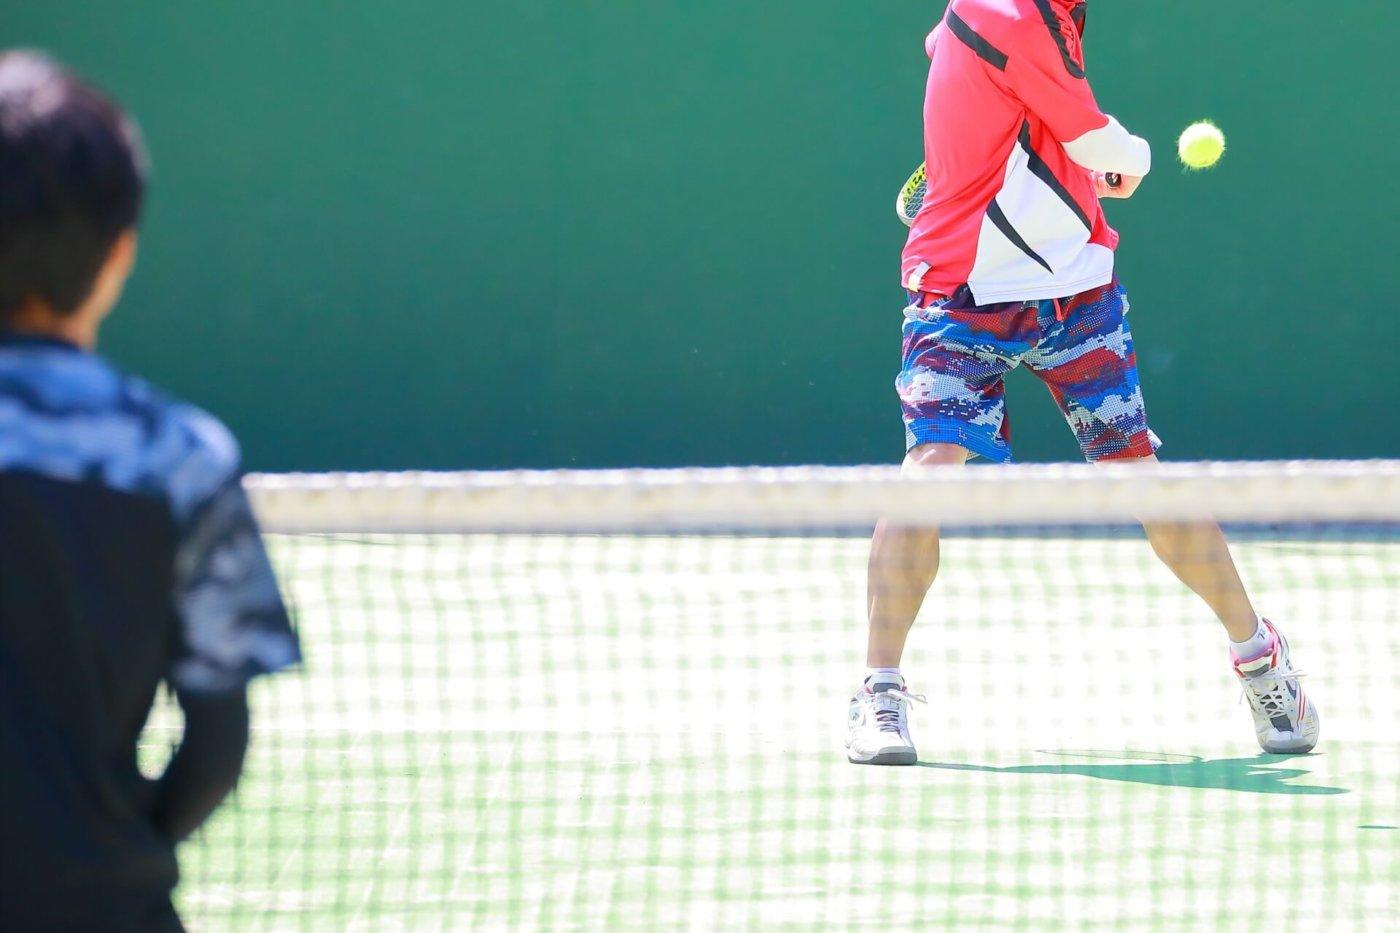 テニスで勝つために、ネットミスを防ぎネットプレーで確実にポイントしよう